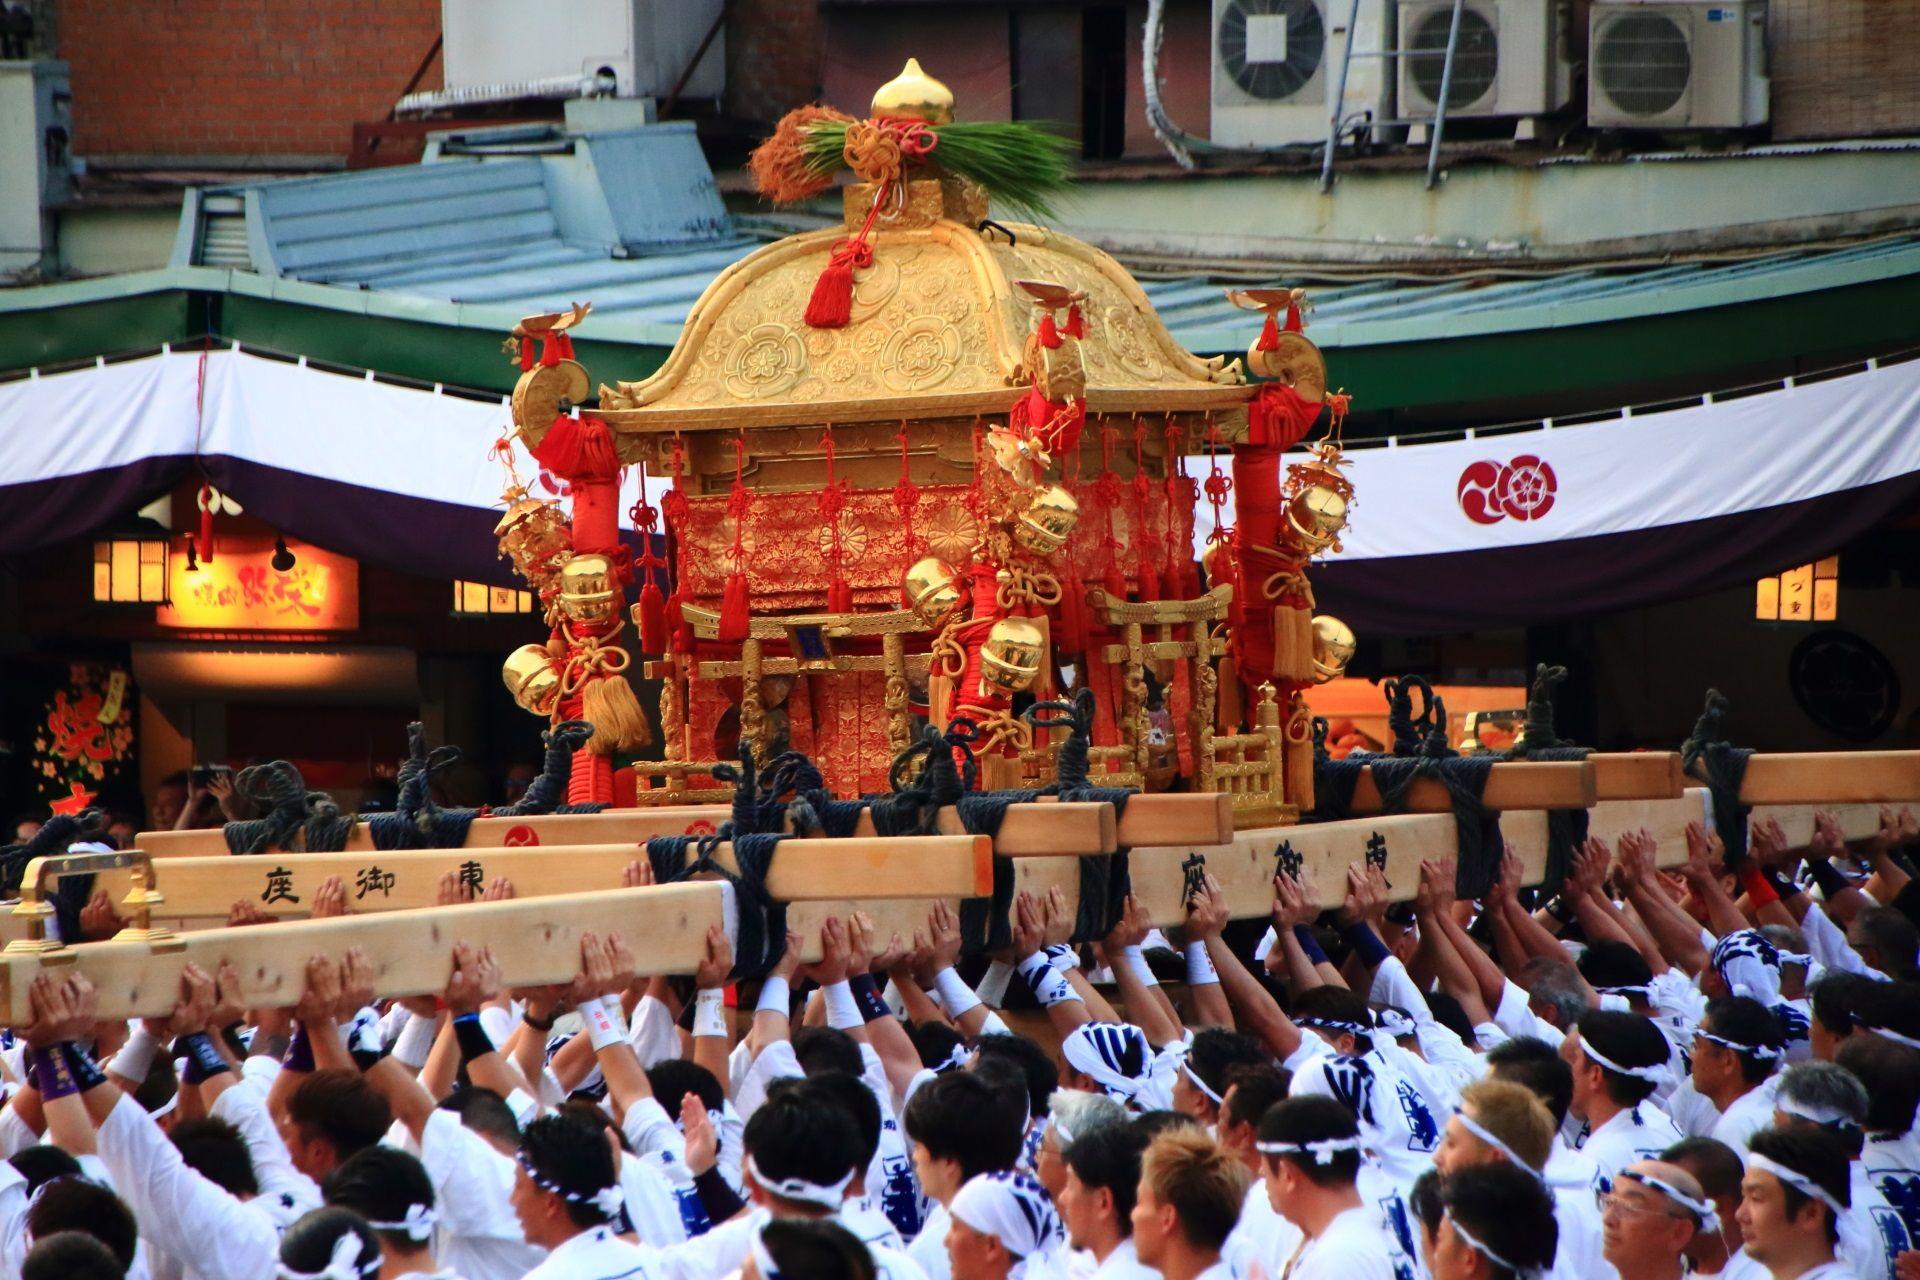 暑い夏の神幸祭とお神輿 平成最後の祇園祭 | 日本 祭り、祭、お神輿